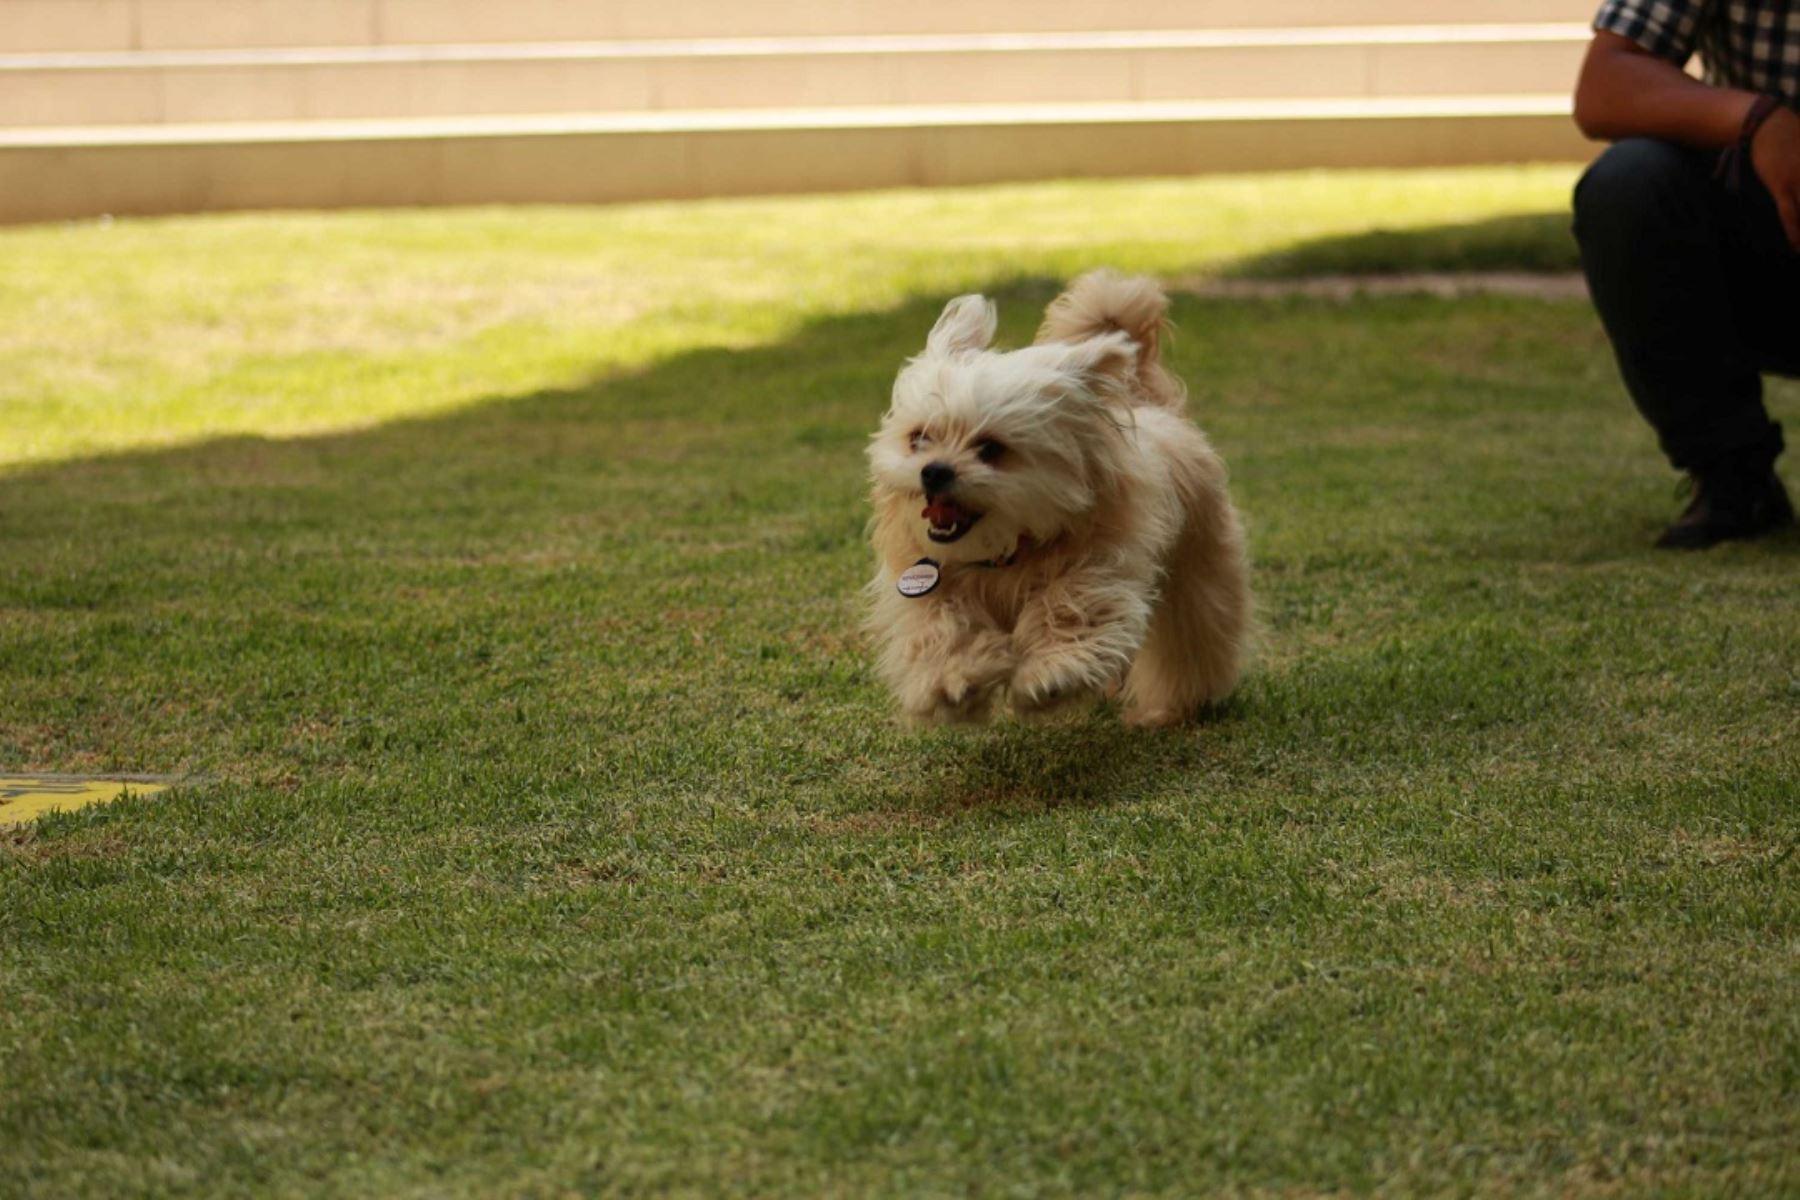 """Alumnos de la Universidad Católica San Pablo de Arequipa lanzaron """"K'antiy"""", marca de accesorios inteligentes creada para ayudar a reducir la pérdida de mascotas y encontrarlas de manera rápida para mejorar sus condiciones de vida."""